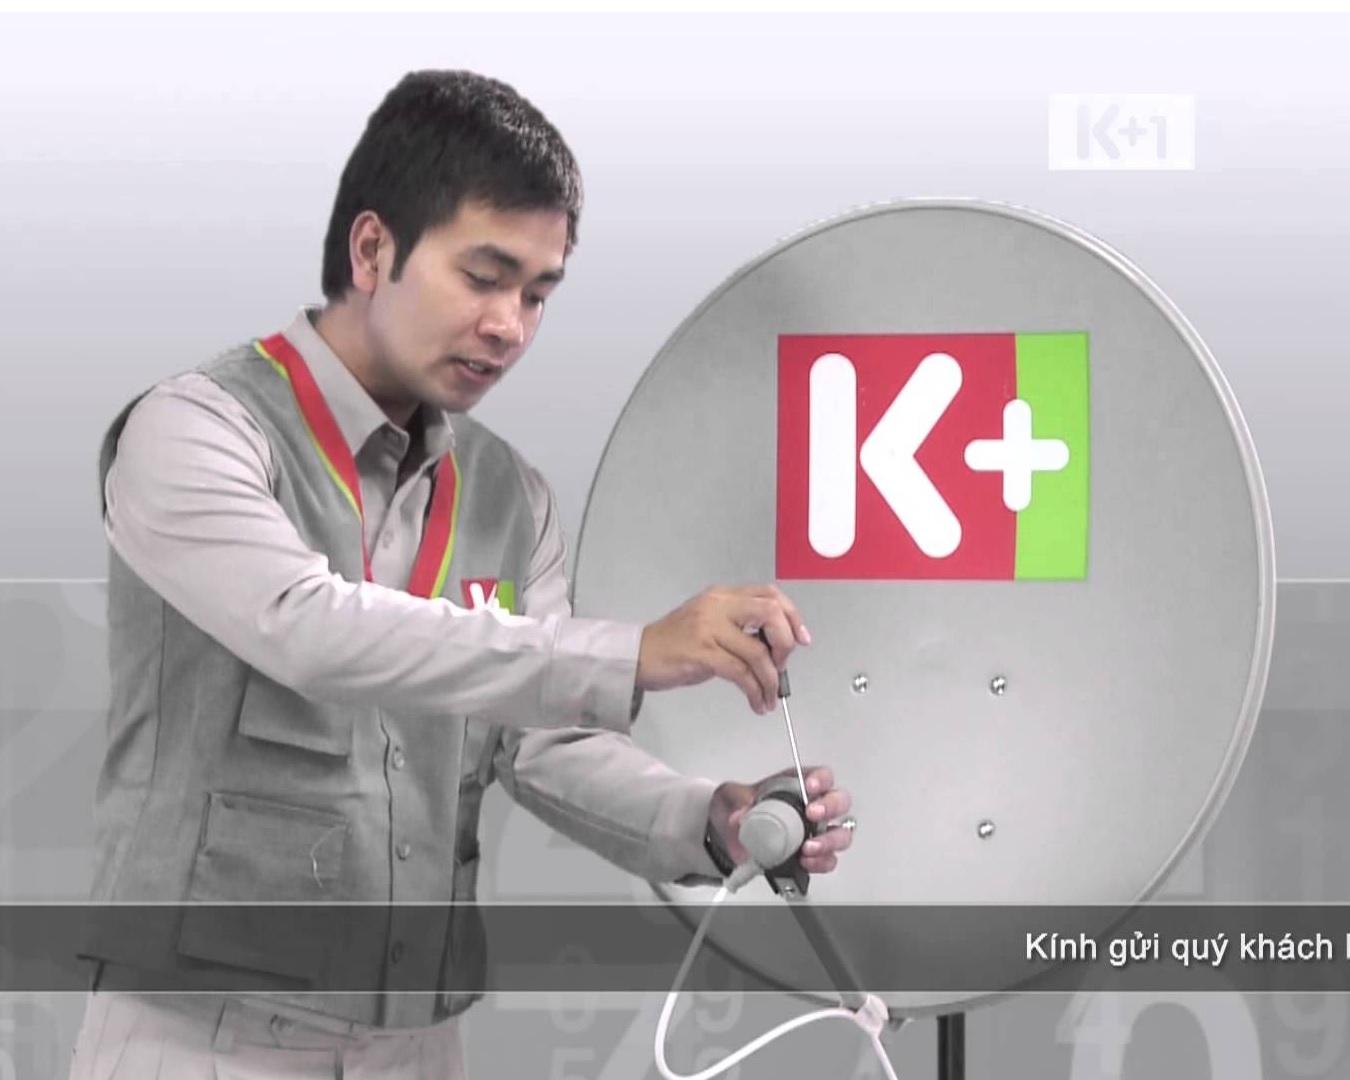 Hỗ trợ khắc phục các sự cố khi sử dụng K+